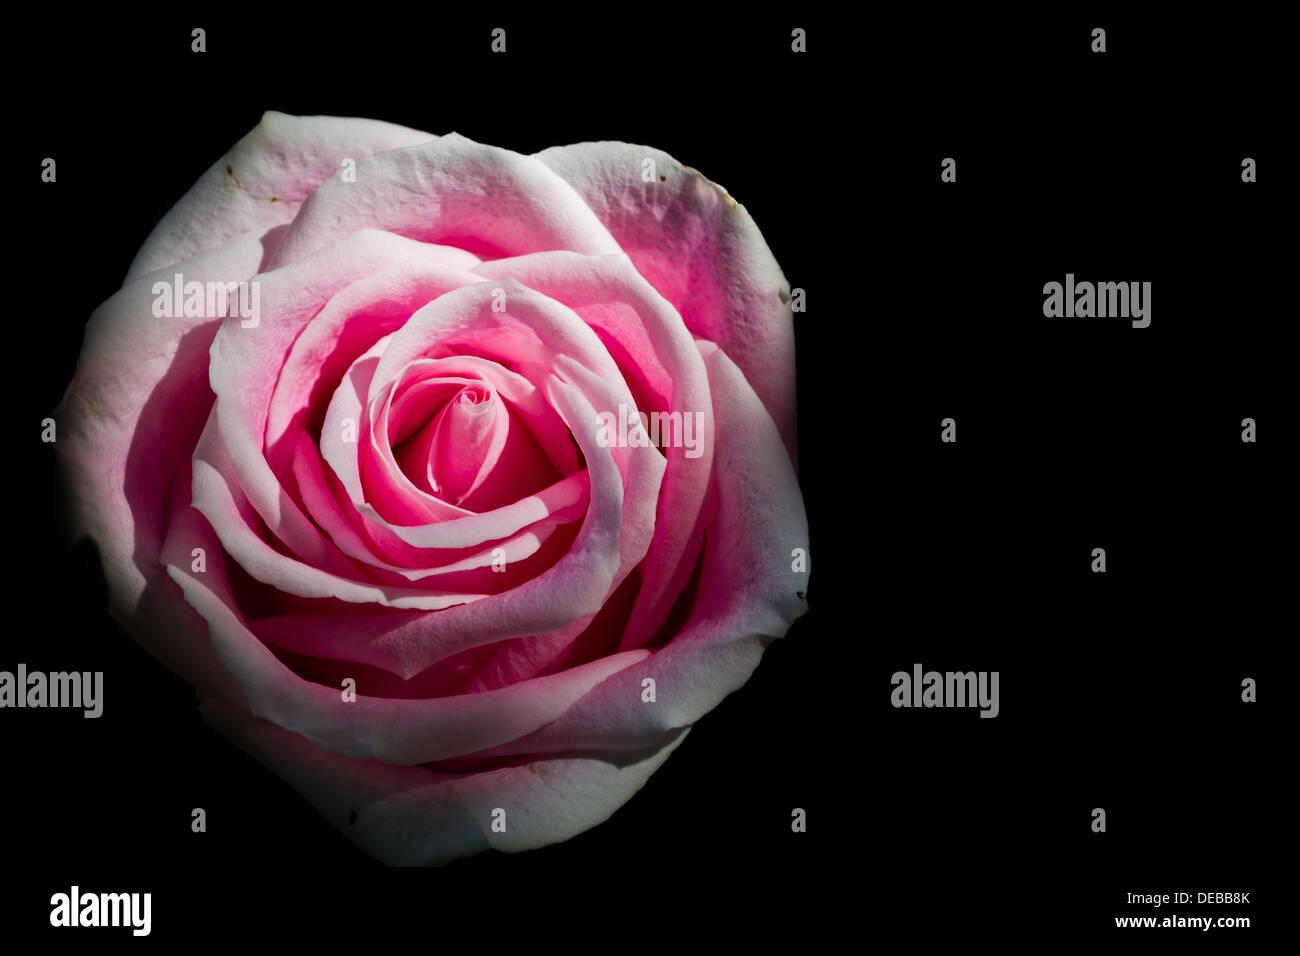 Primo Piano Di Una Rosa Rosa Su Sfondo Nero Foto Immagine Stock